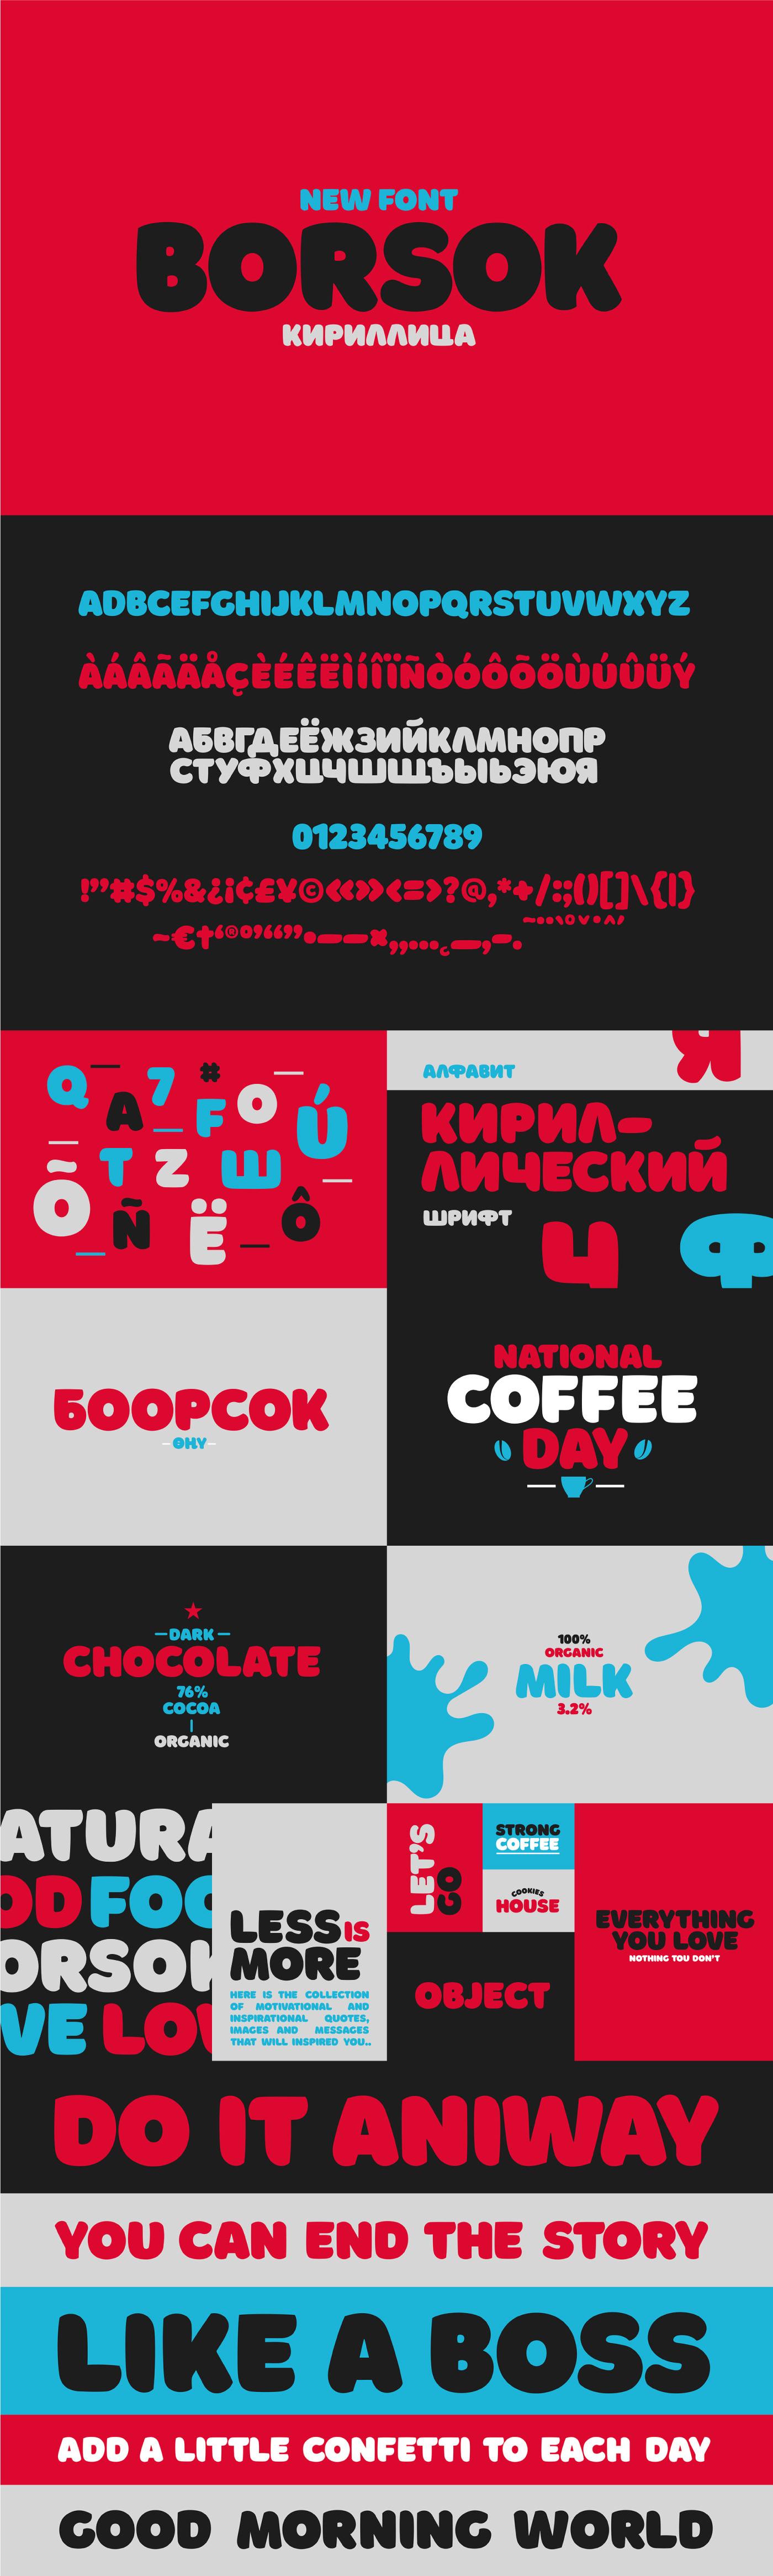 圆润大写粗体英文字体下载 BORSOK – Bold Dispaly Font插图